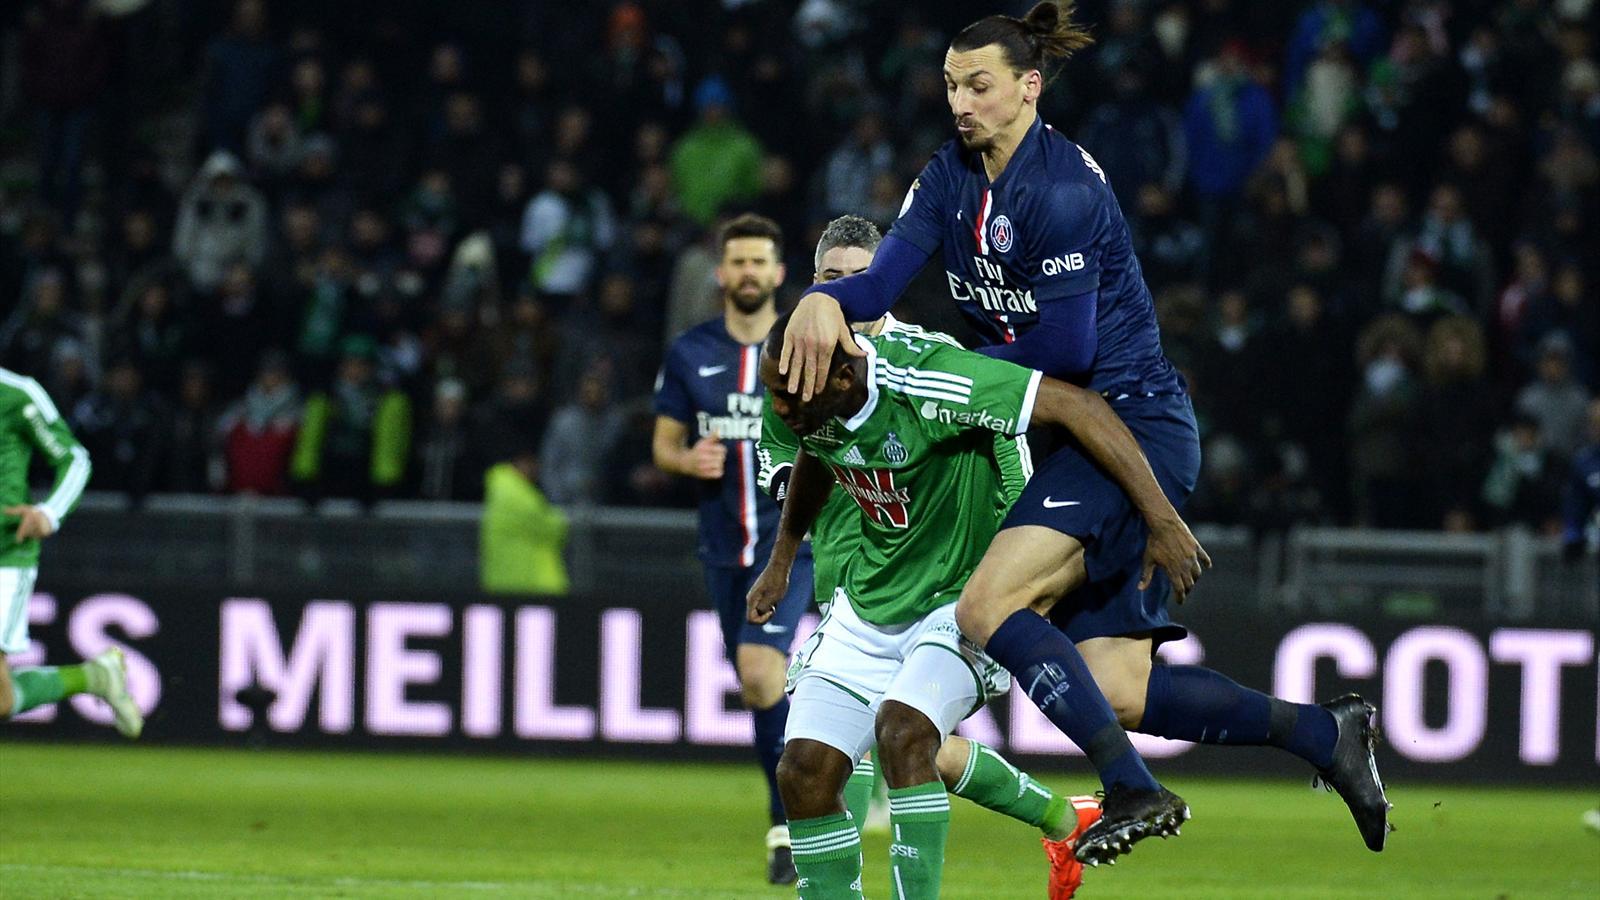 Coupe de france tirage au sort psg saint etienne et auxerre guingamp en demi finale - Tirage coupe de france de football ...